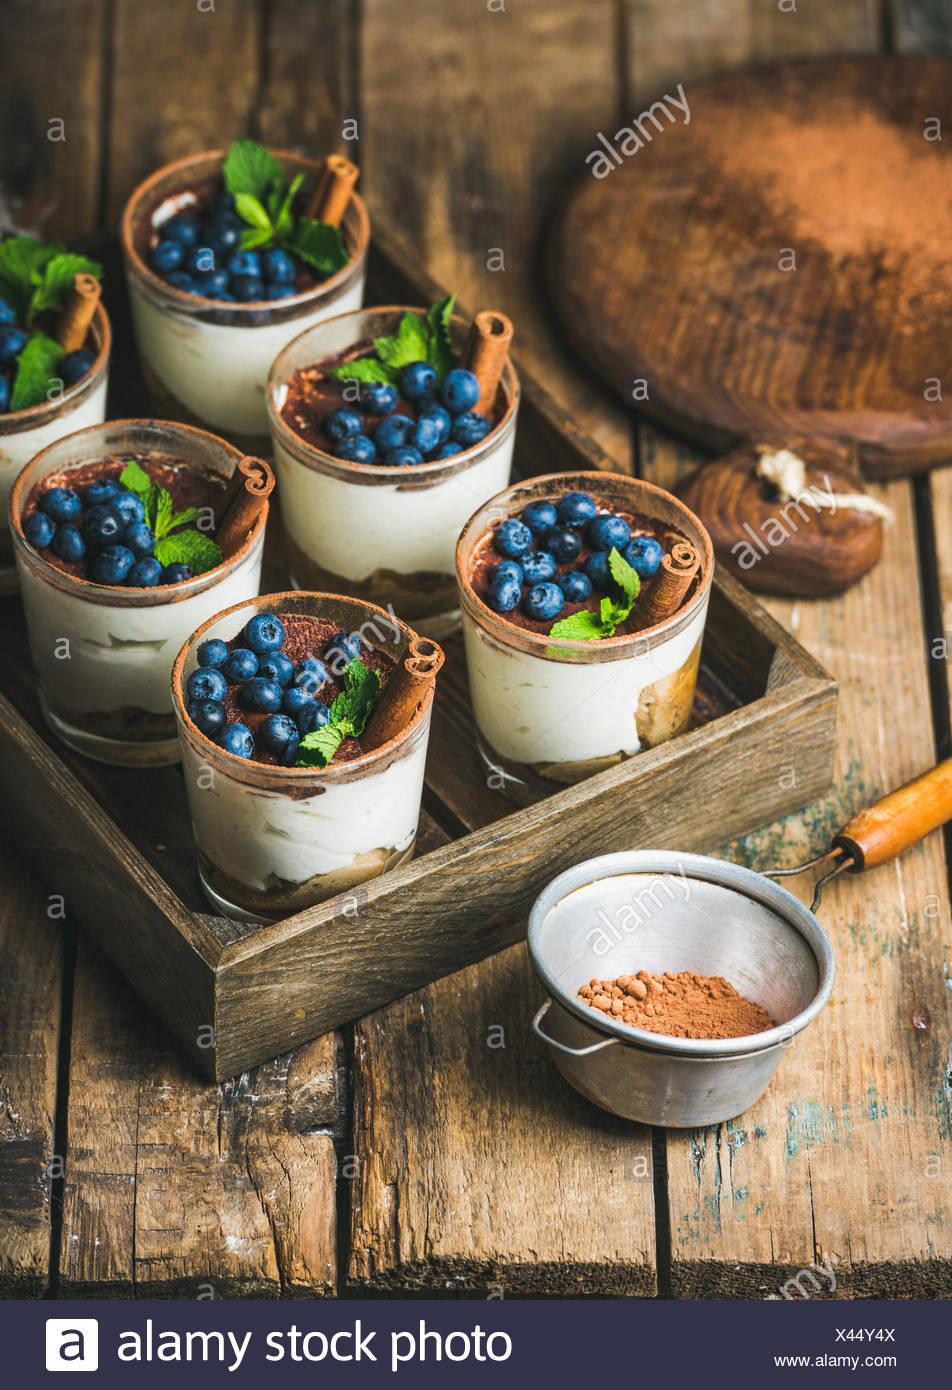 Postre tiramisú casero en copas con canela, menta y arándanos frescos en bandeja de madera y el tamiz con cacao en polvo sobre r Imagen De Stock